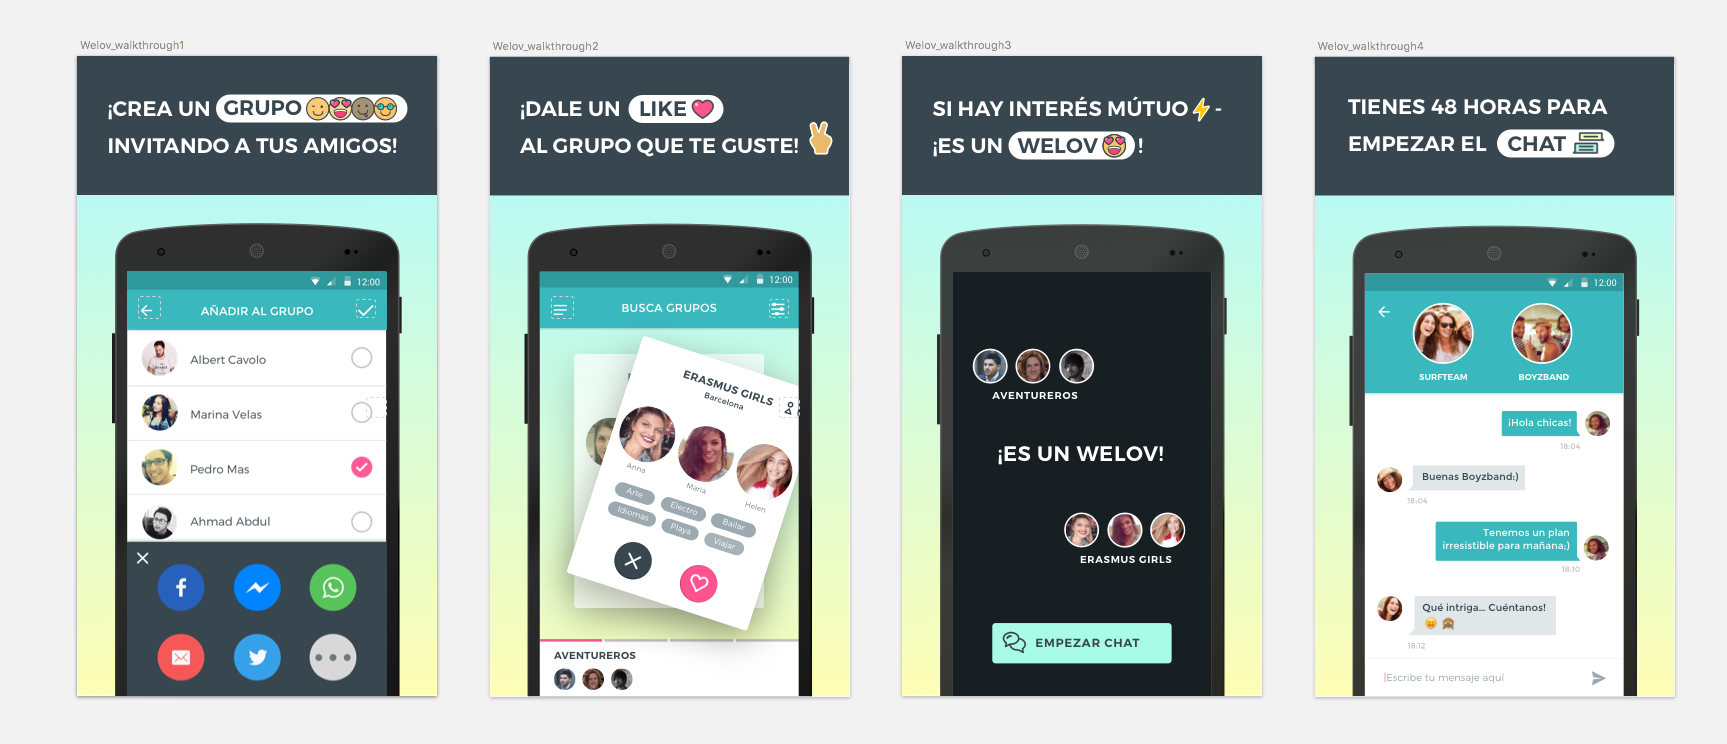 Welov: más allá de las social dating apps